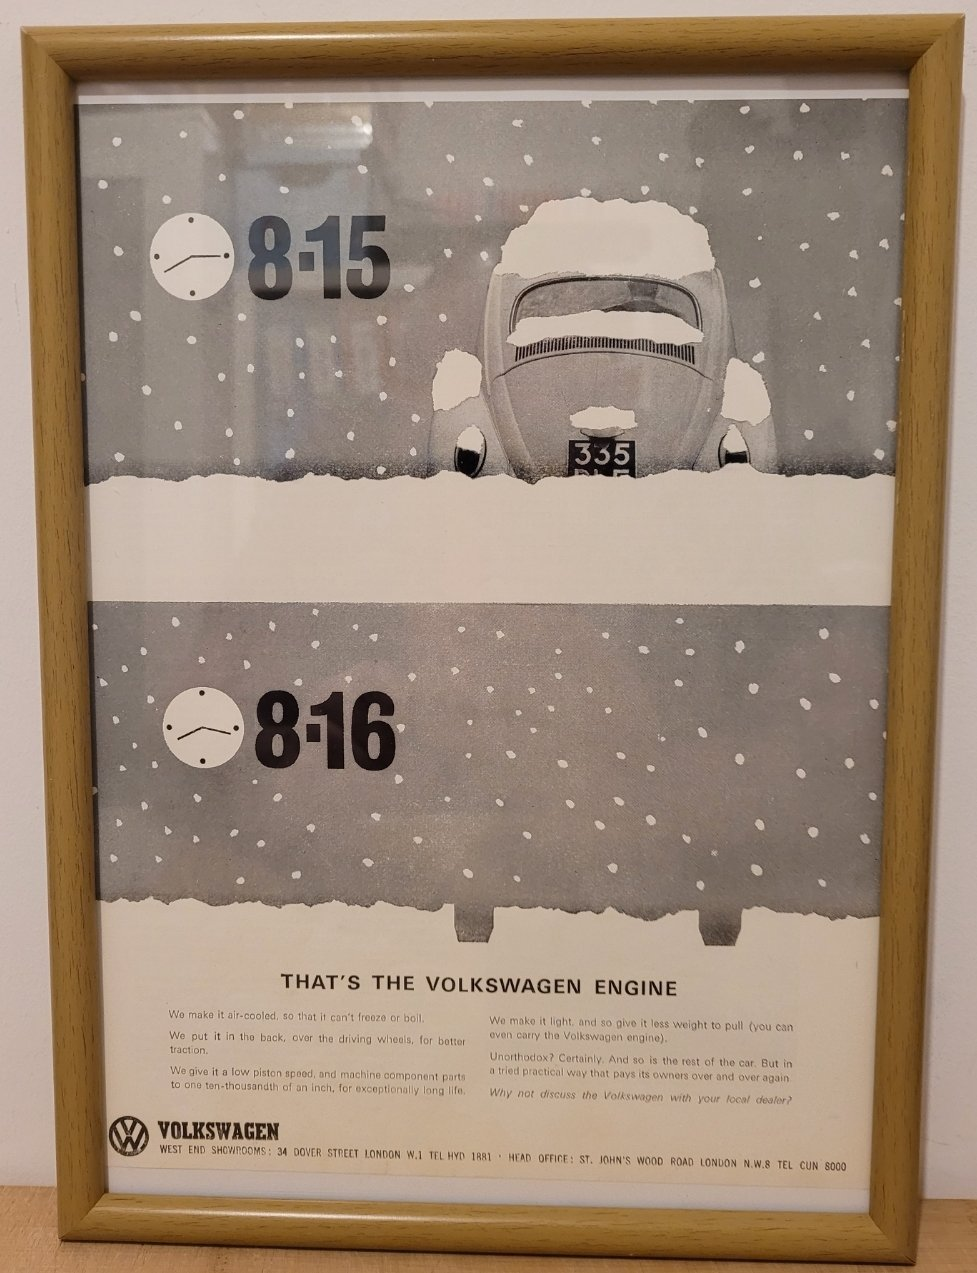 Original 1964 Volkswagen Beetle Framed Advert